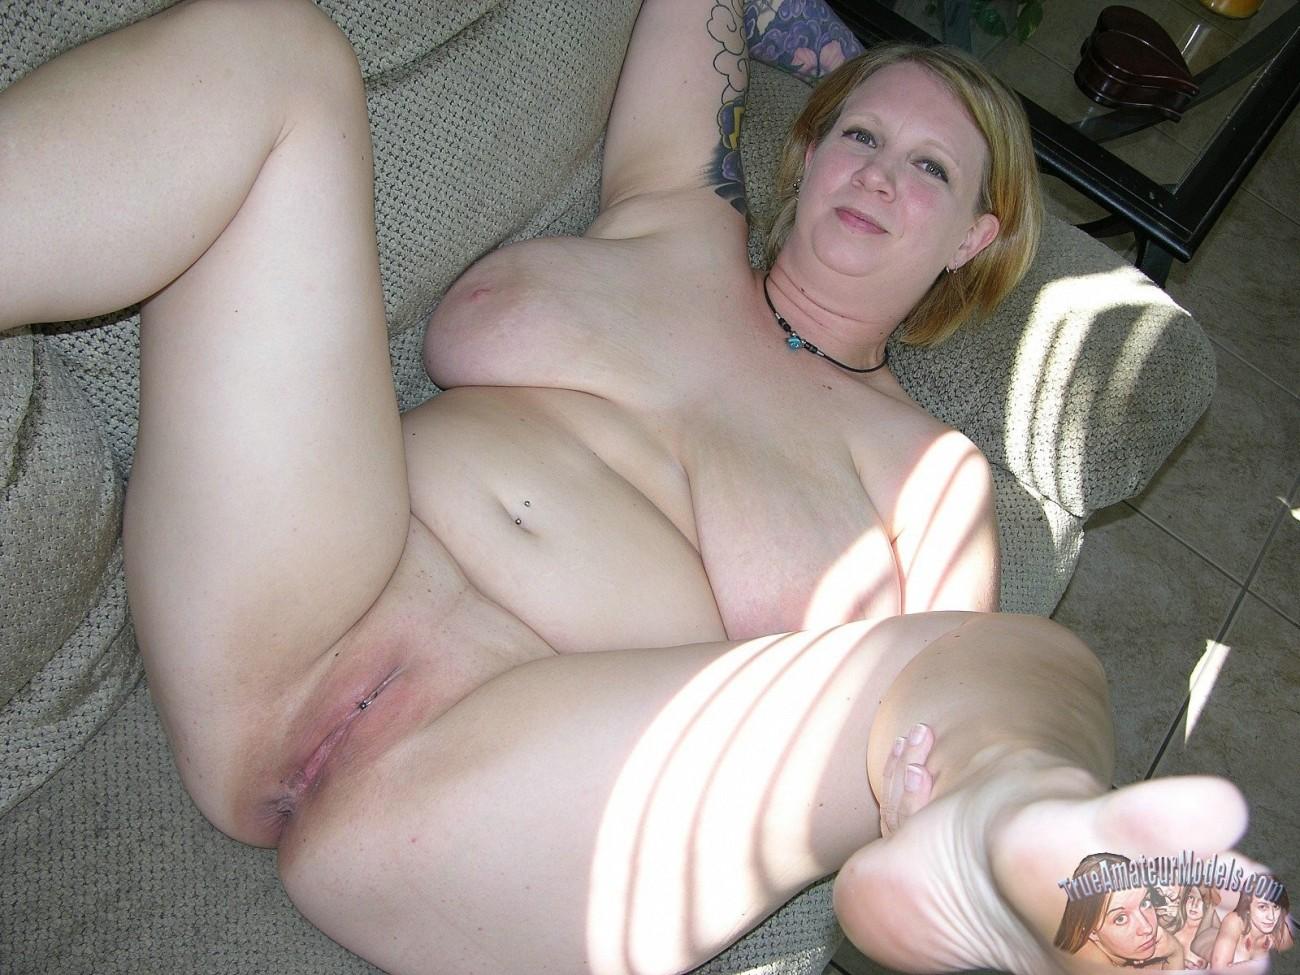 Chubby amateur milf sluts photos